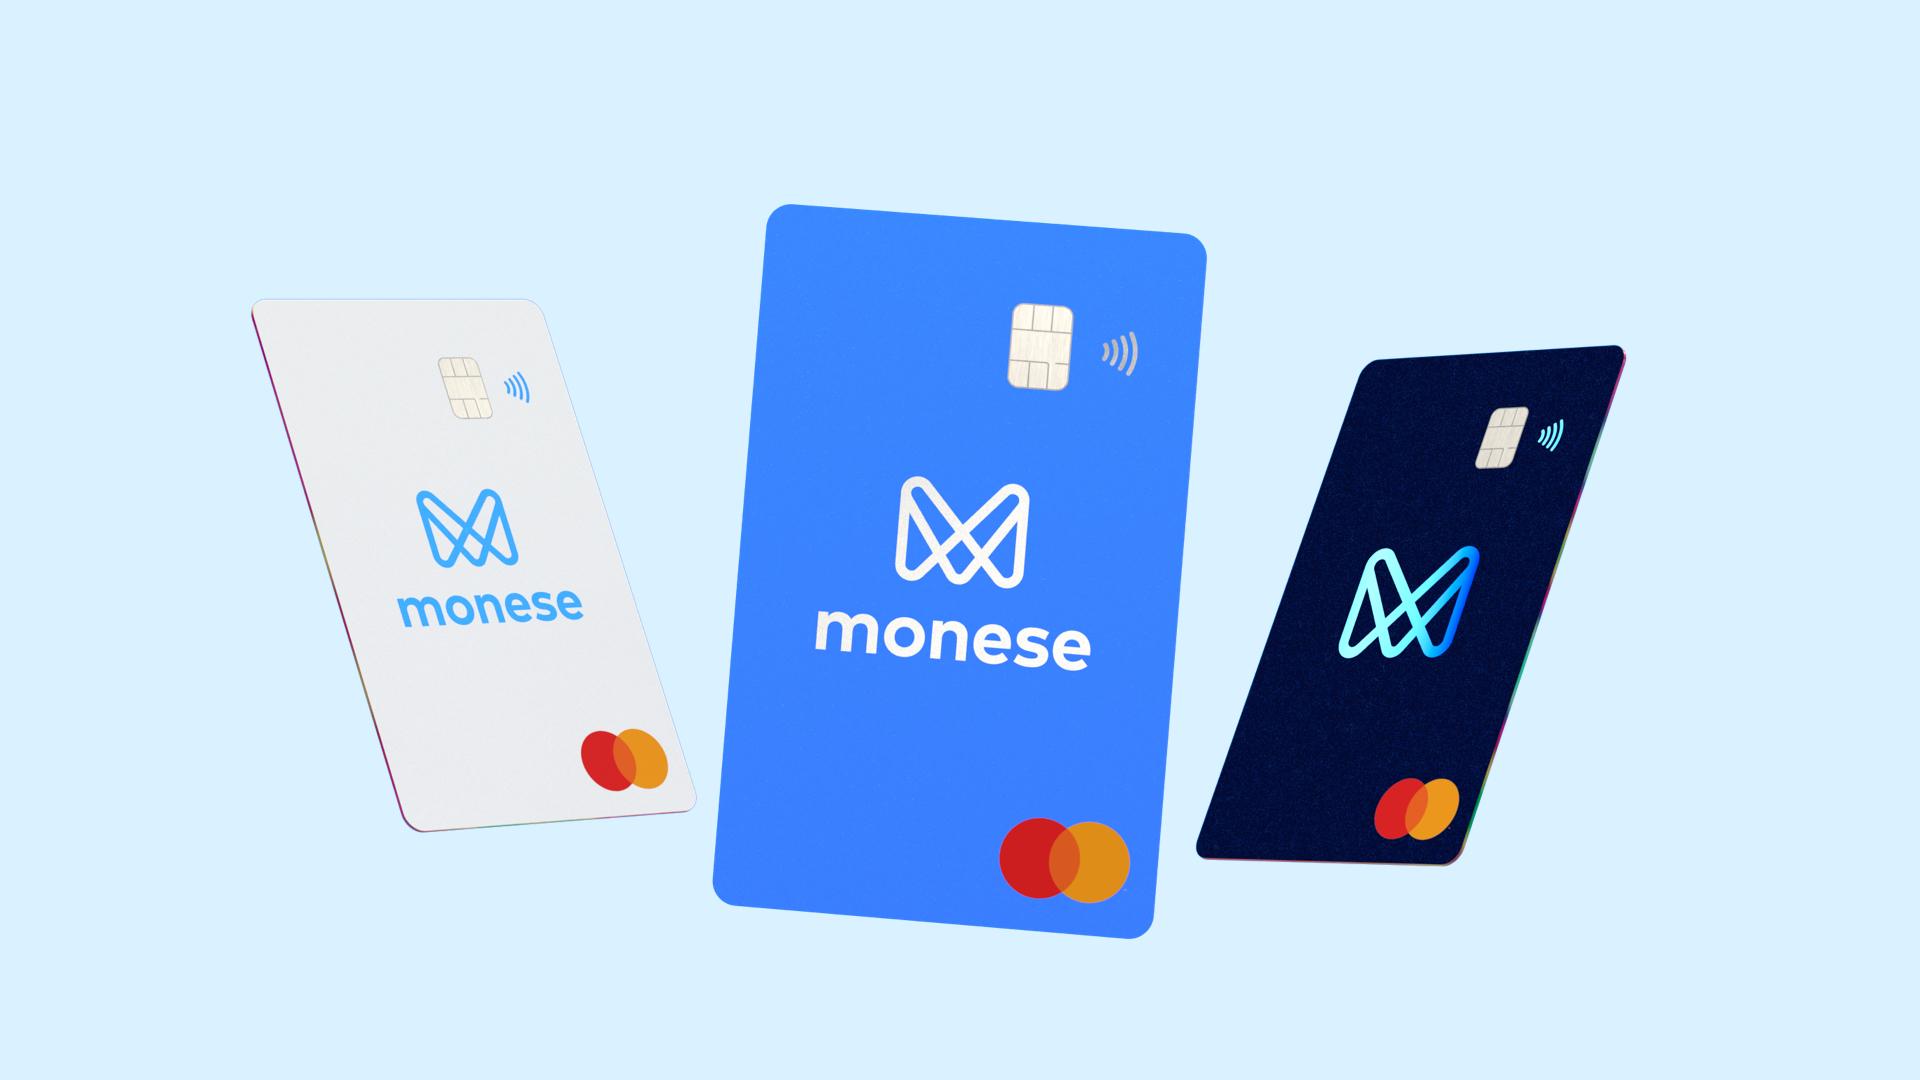 Próbáld ki a Monese kártyát és kapsz 5000 forintot érte